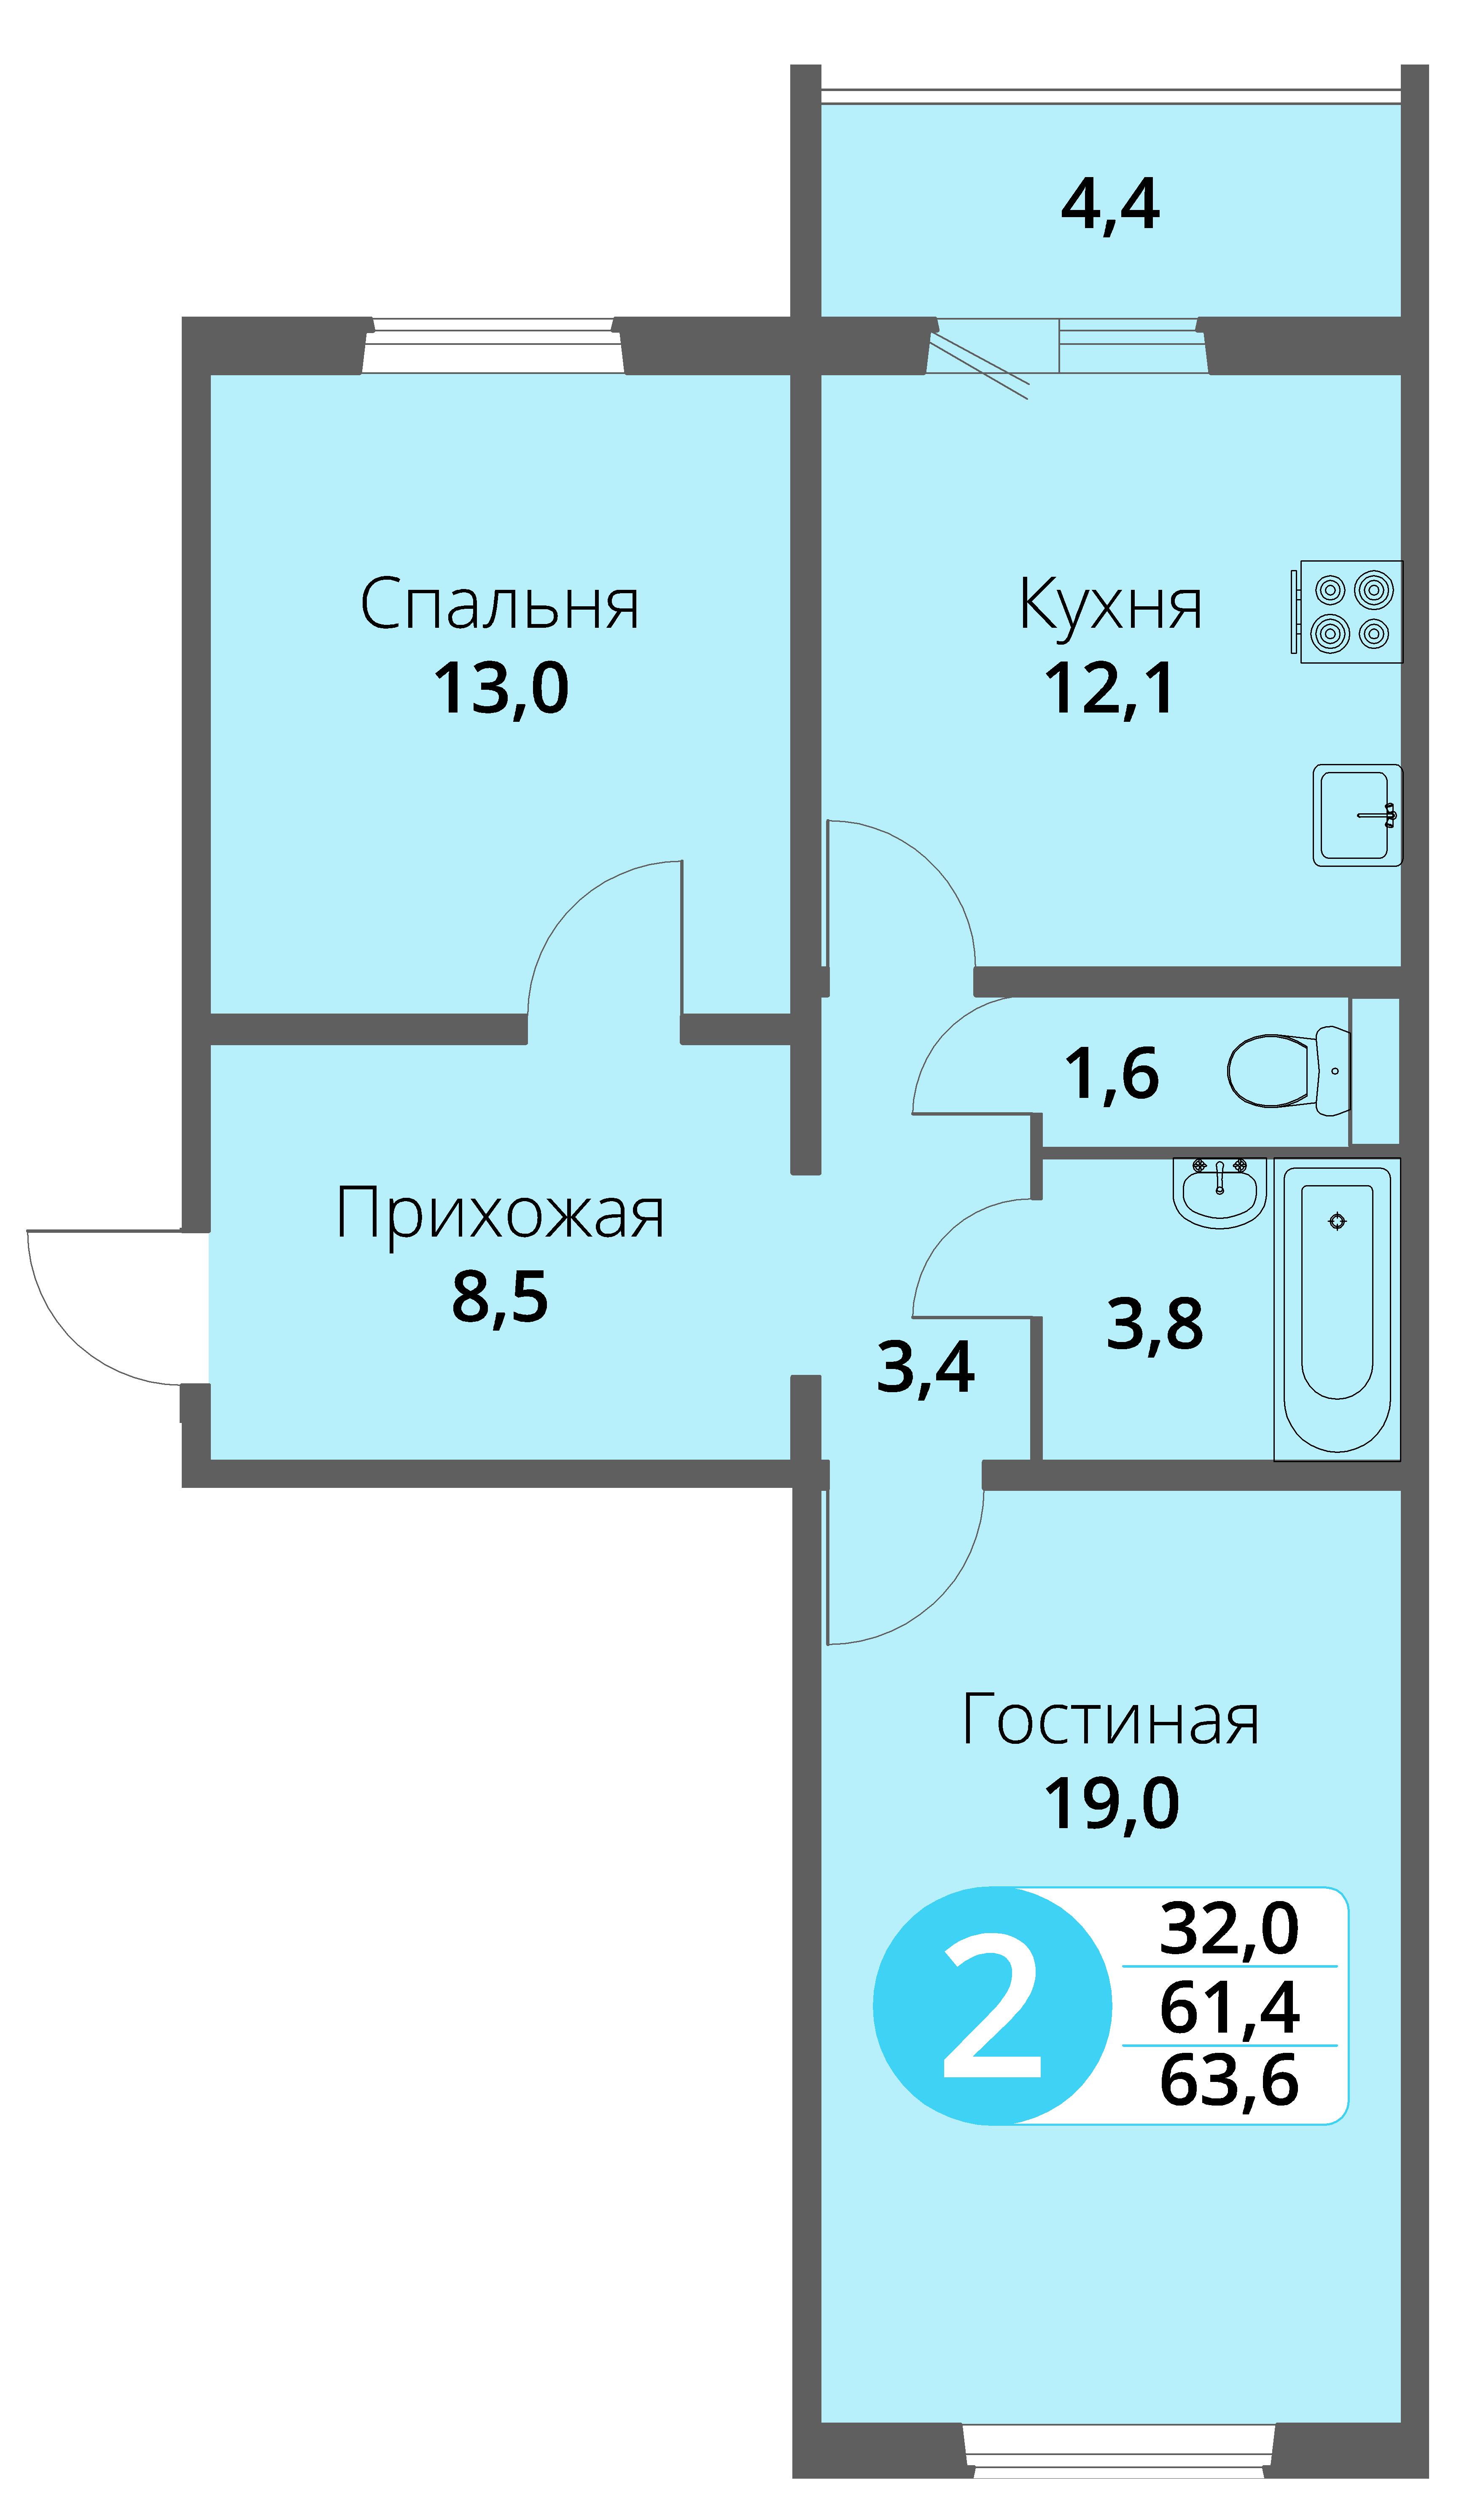 Зареченская 1-1, квартира 81 - Двухкомнатная